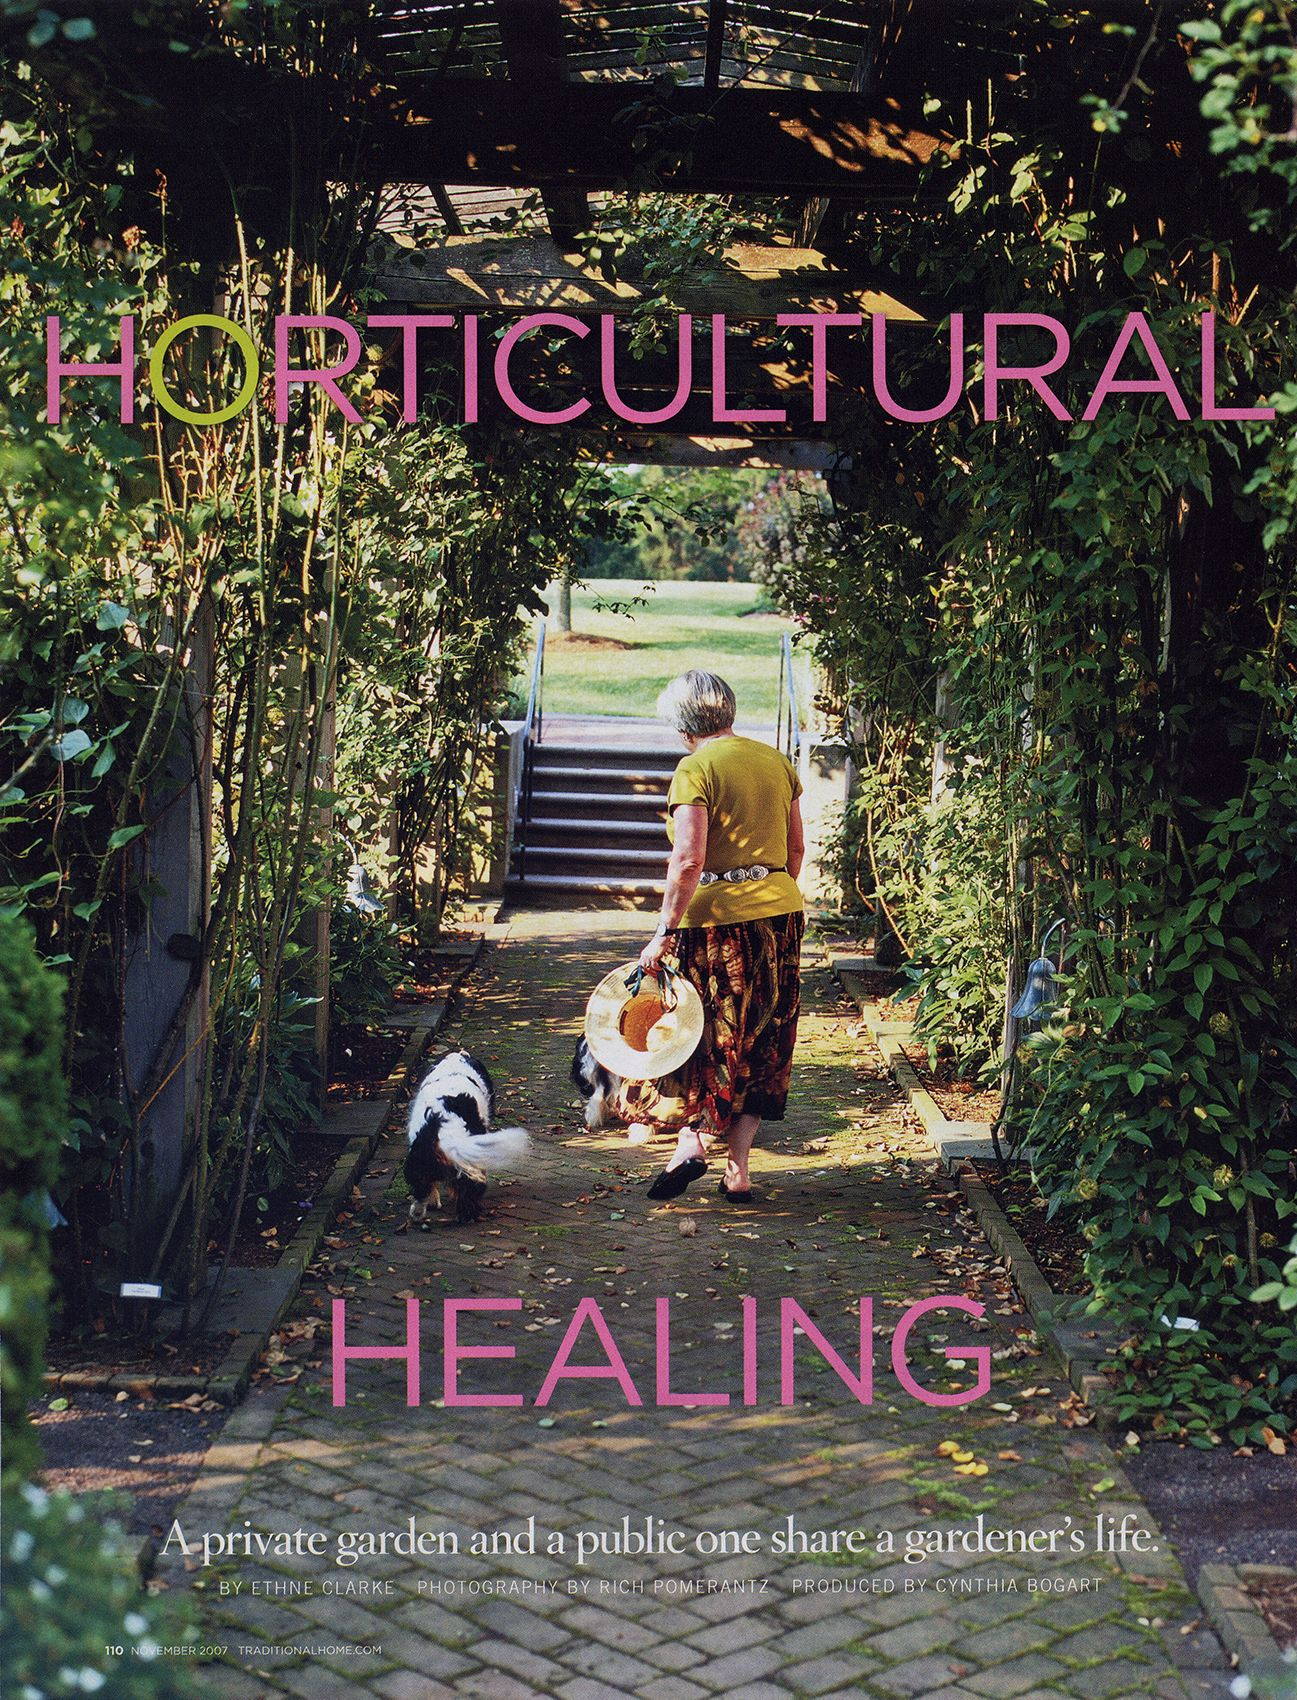 TraditionalHome-November2007-1.jpg